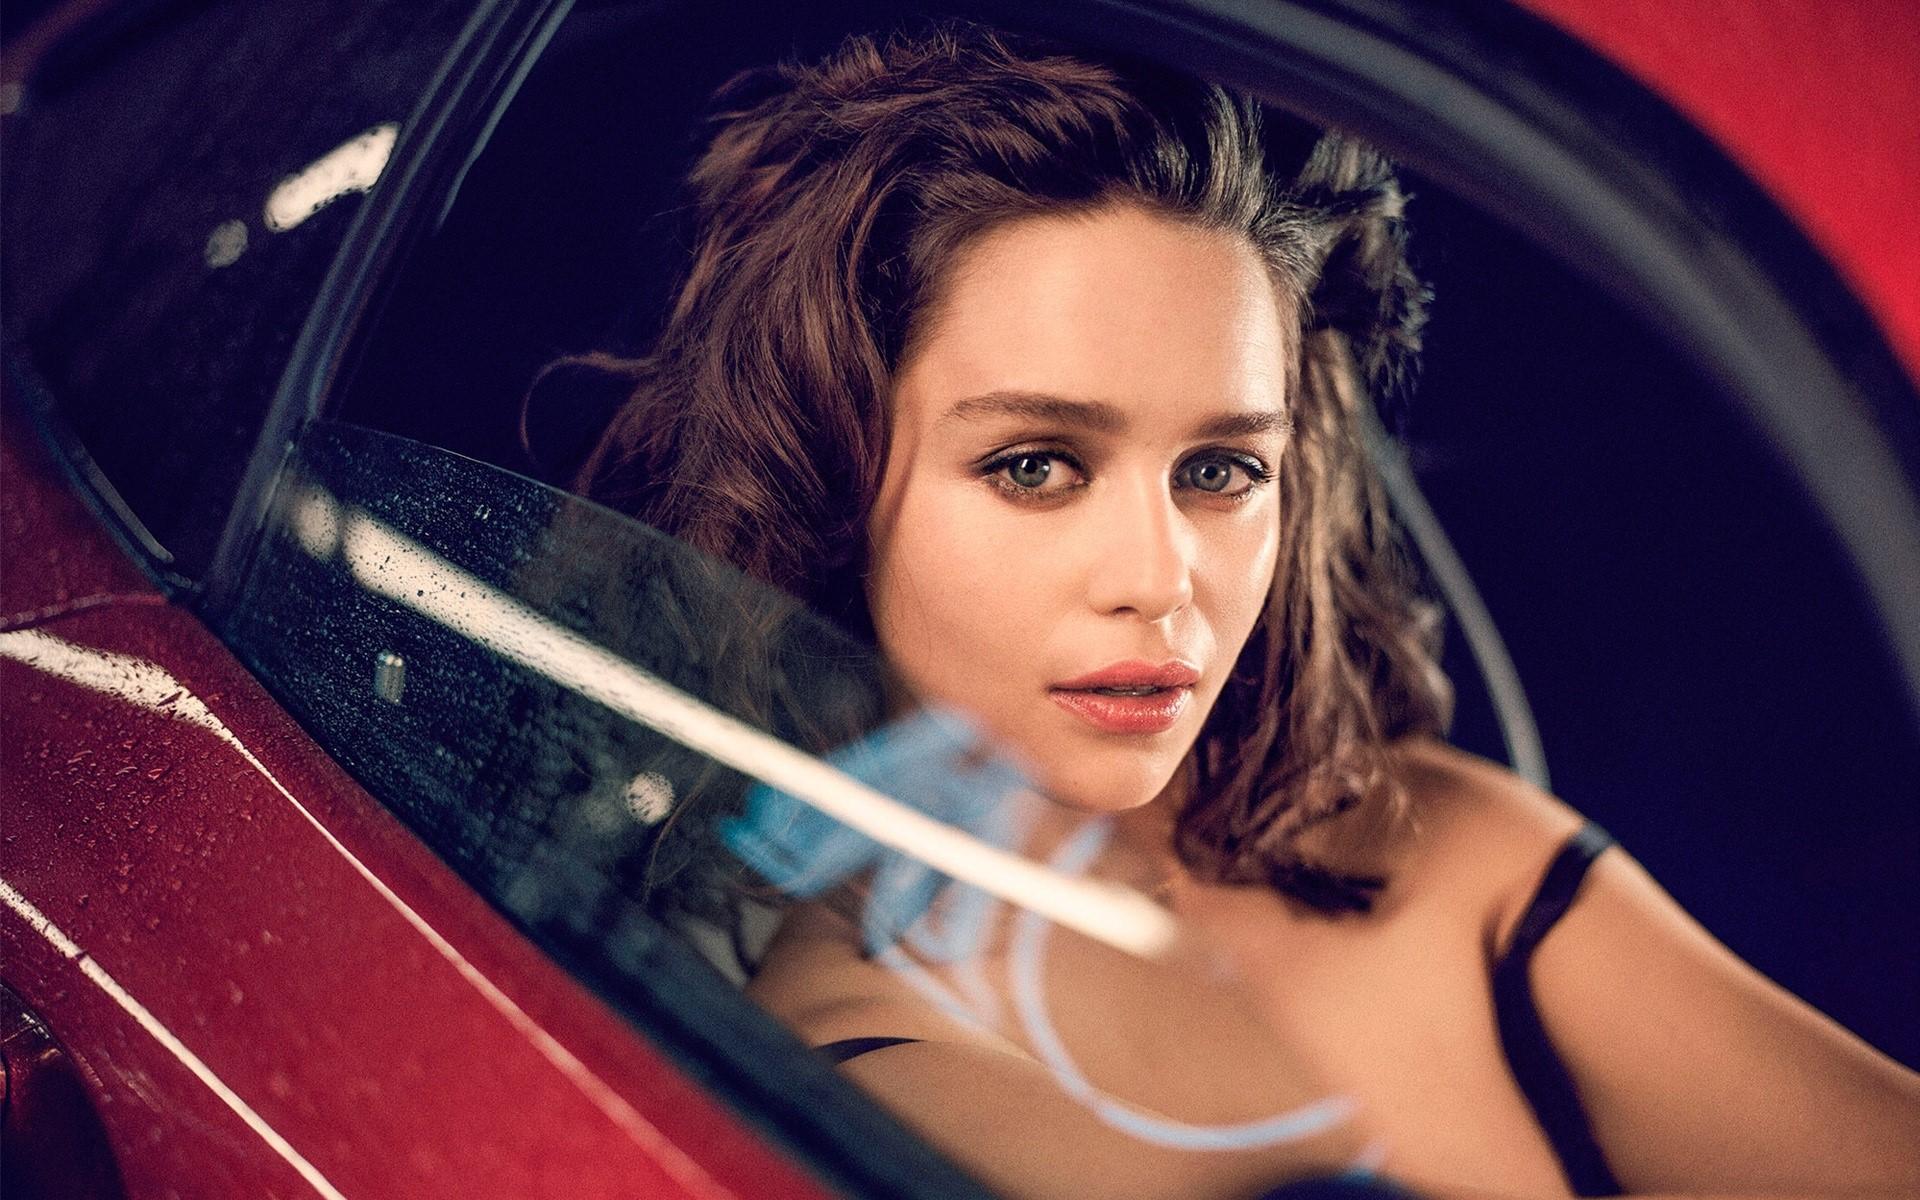 Wallpaper Emilia Clarke in a car